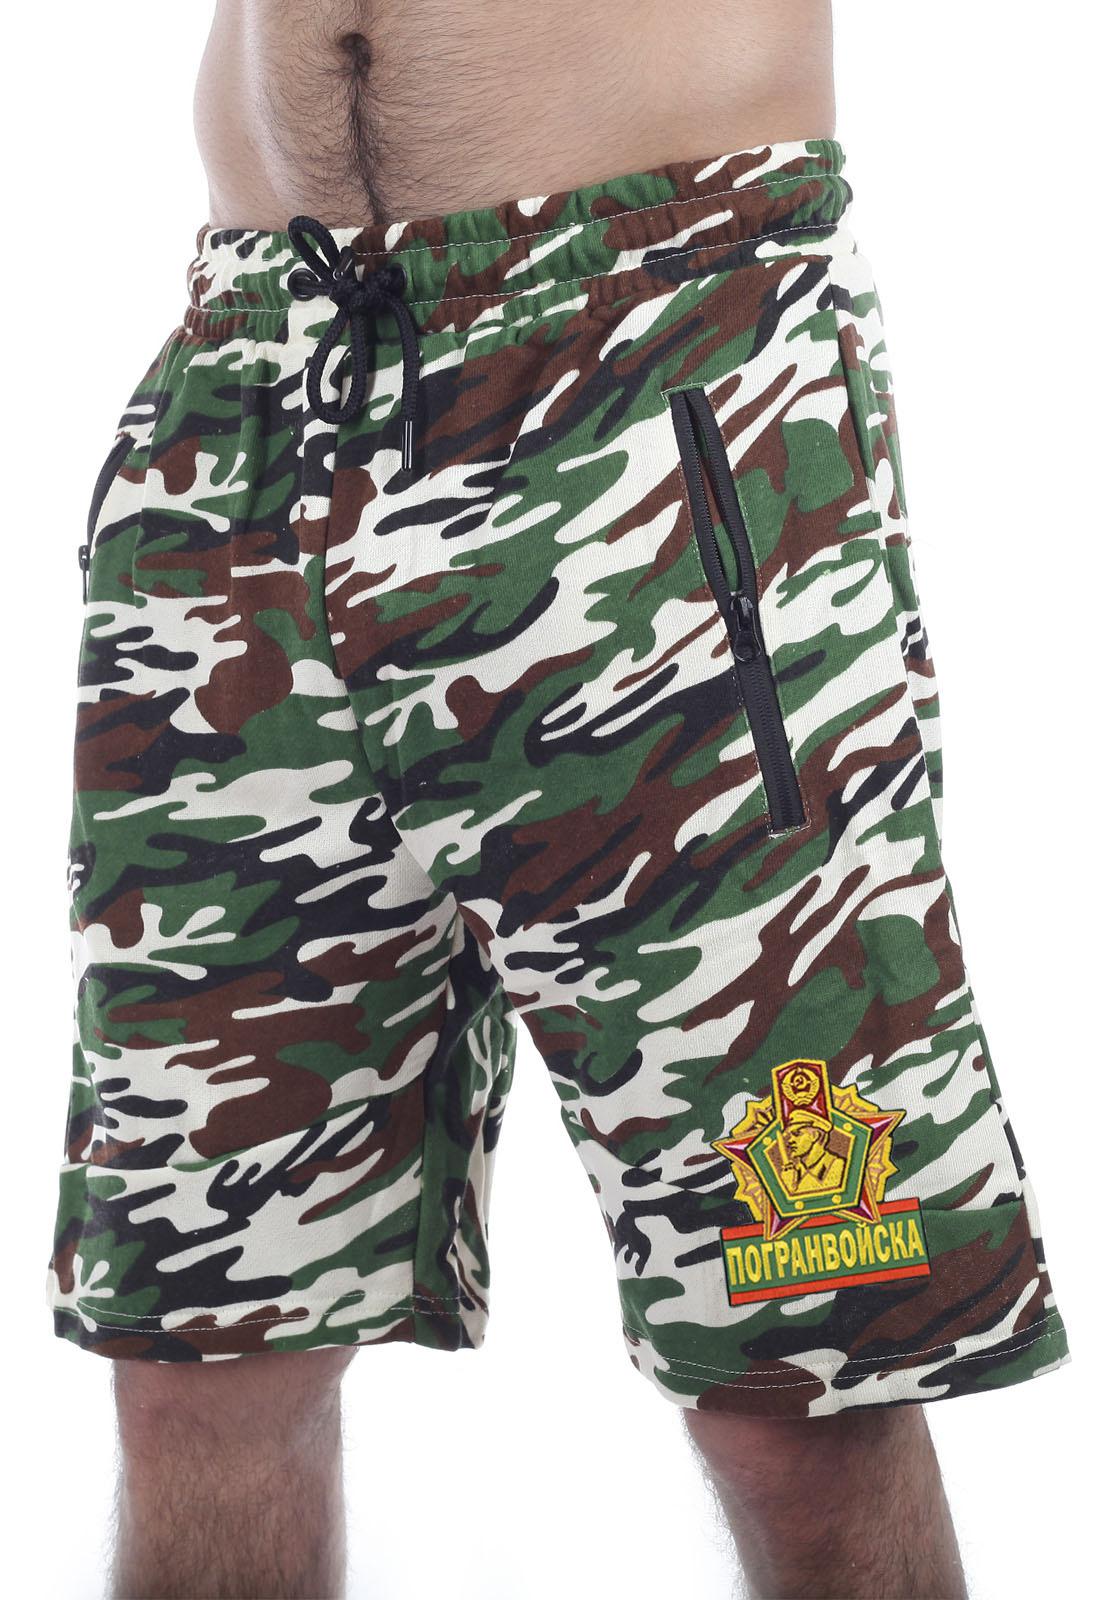 Купить свободные армейские шорты с карманами и нашивкой Погранвойска в подарок пограничнику